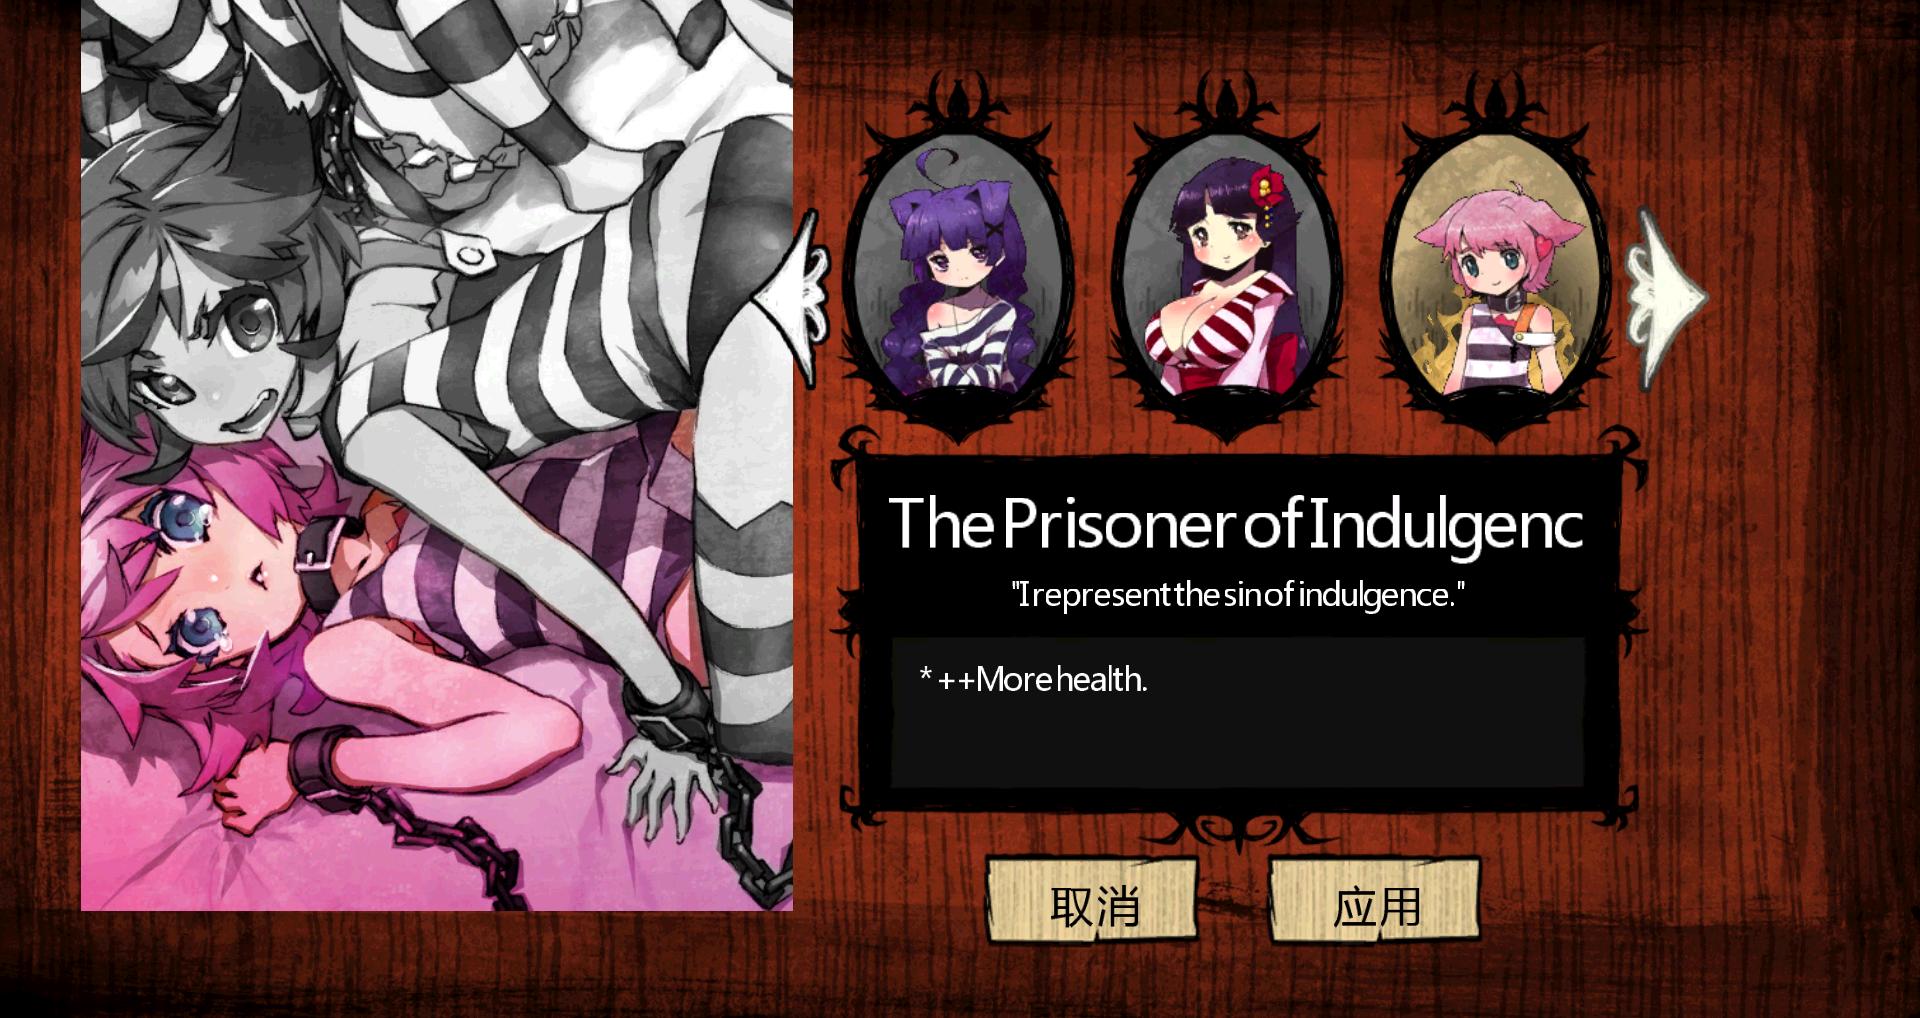 饥荒mod刑事少女七个人物有什么用